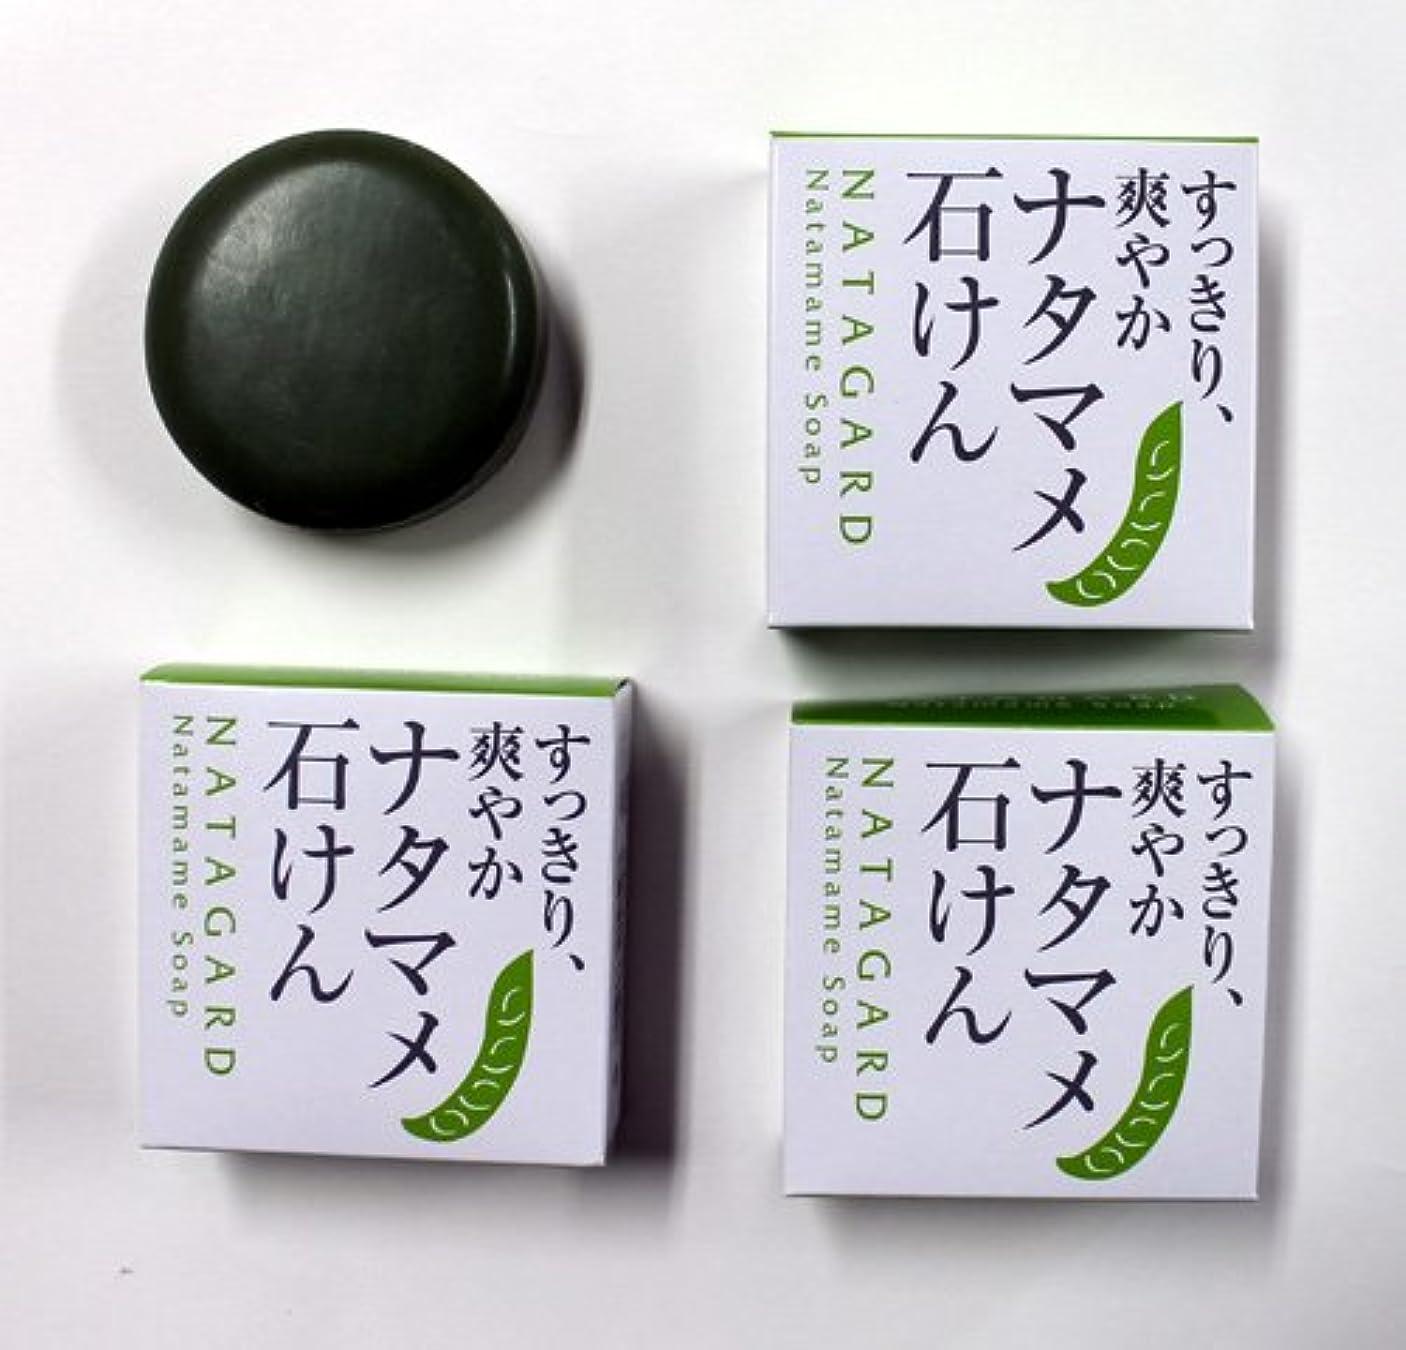 教室柔らかい足抑制するナタマメ石けん ナタガード 3個セット